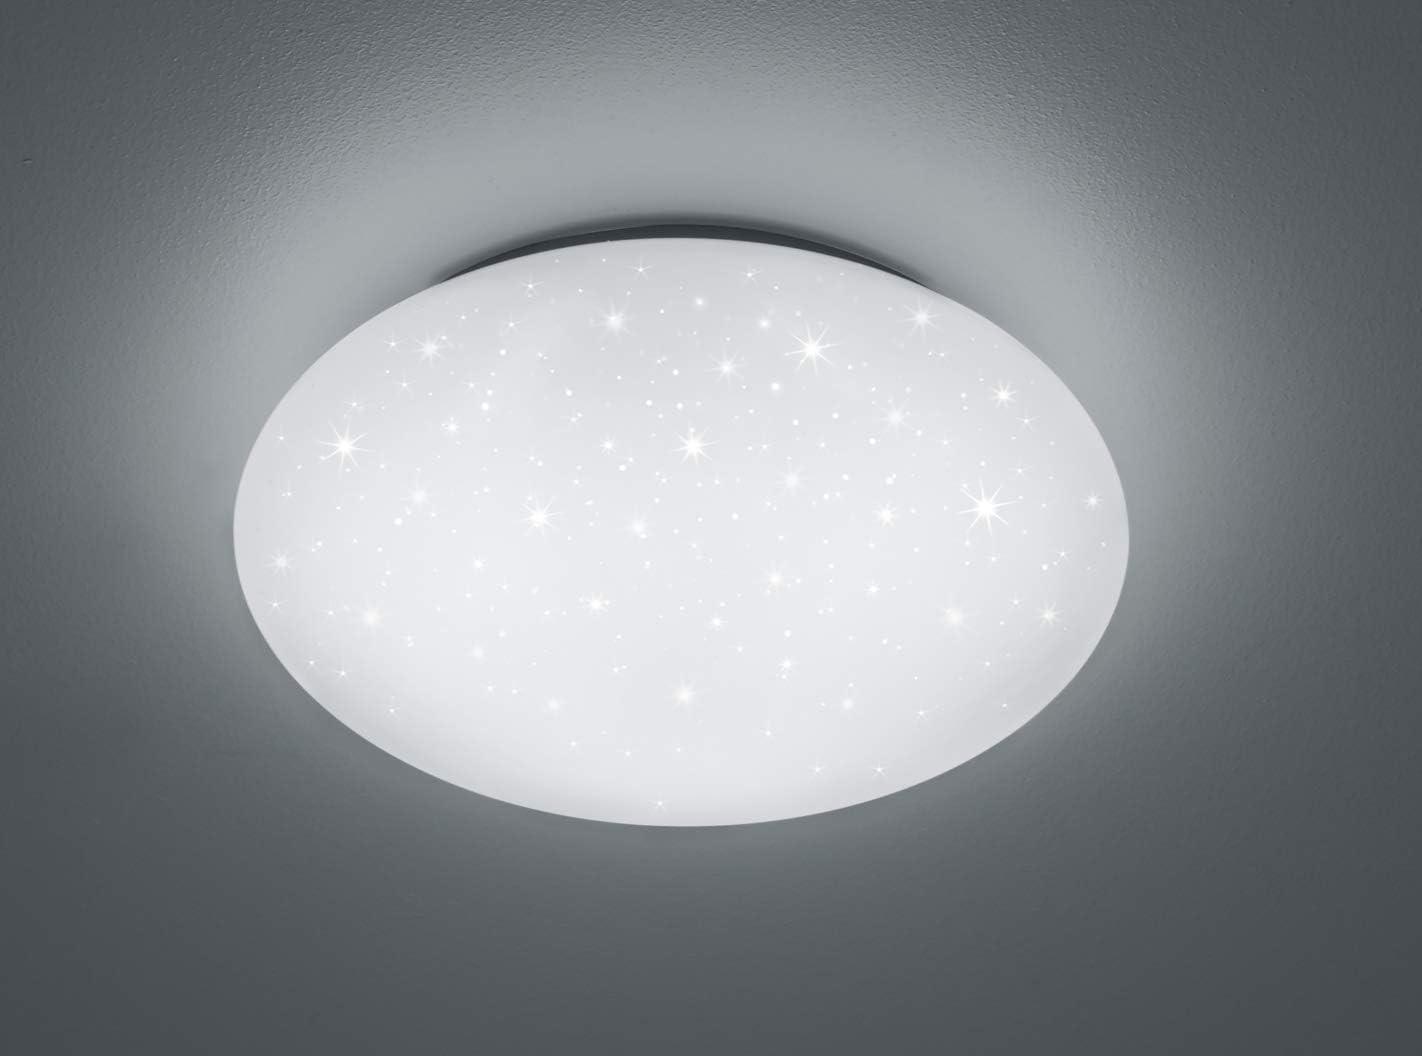 Deckenleuchte deckenlampe schreibtisch leuchte lampe